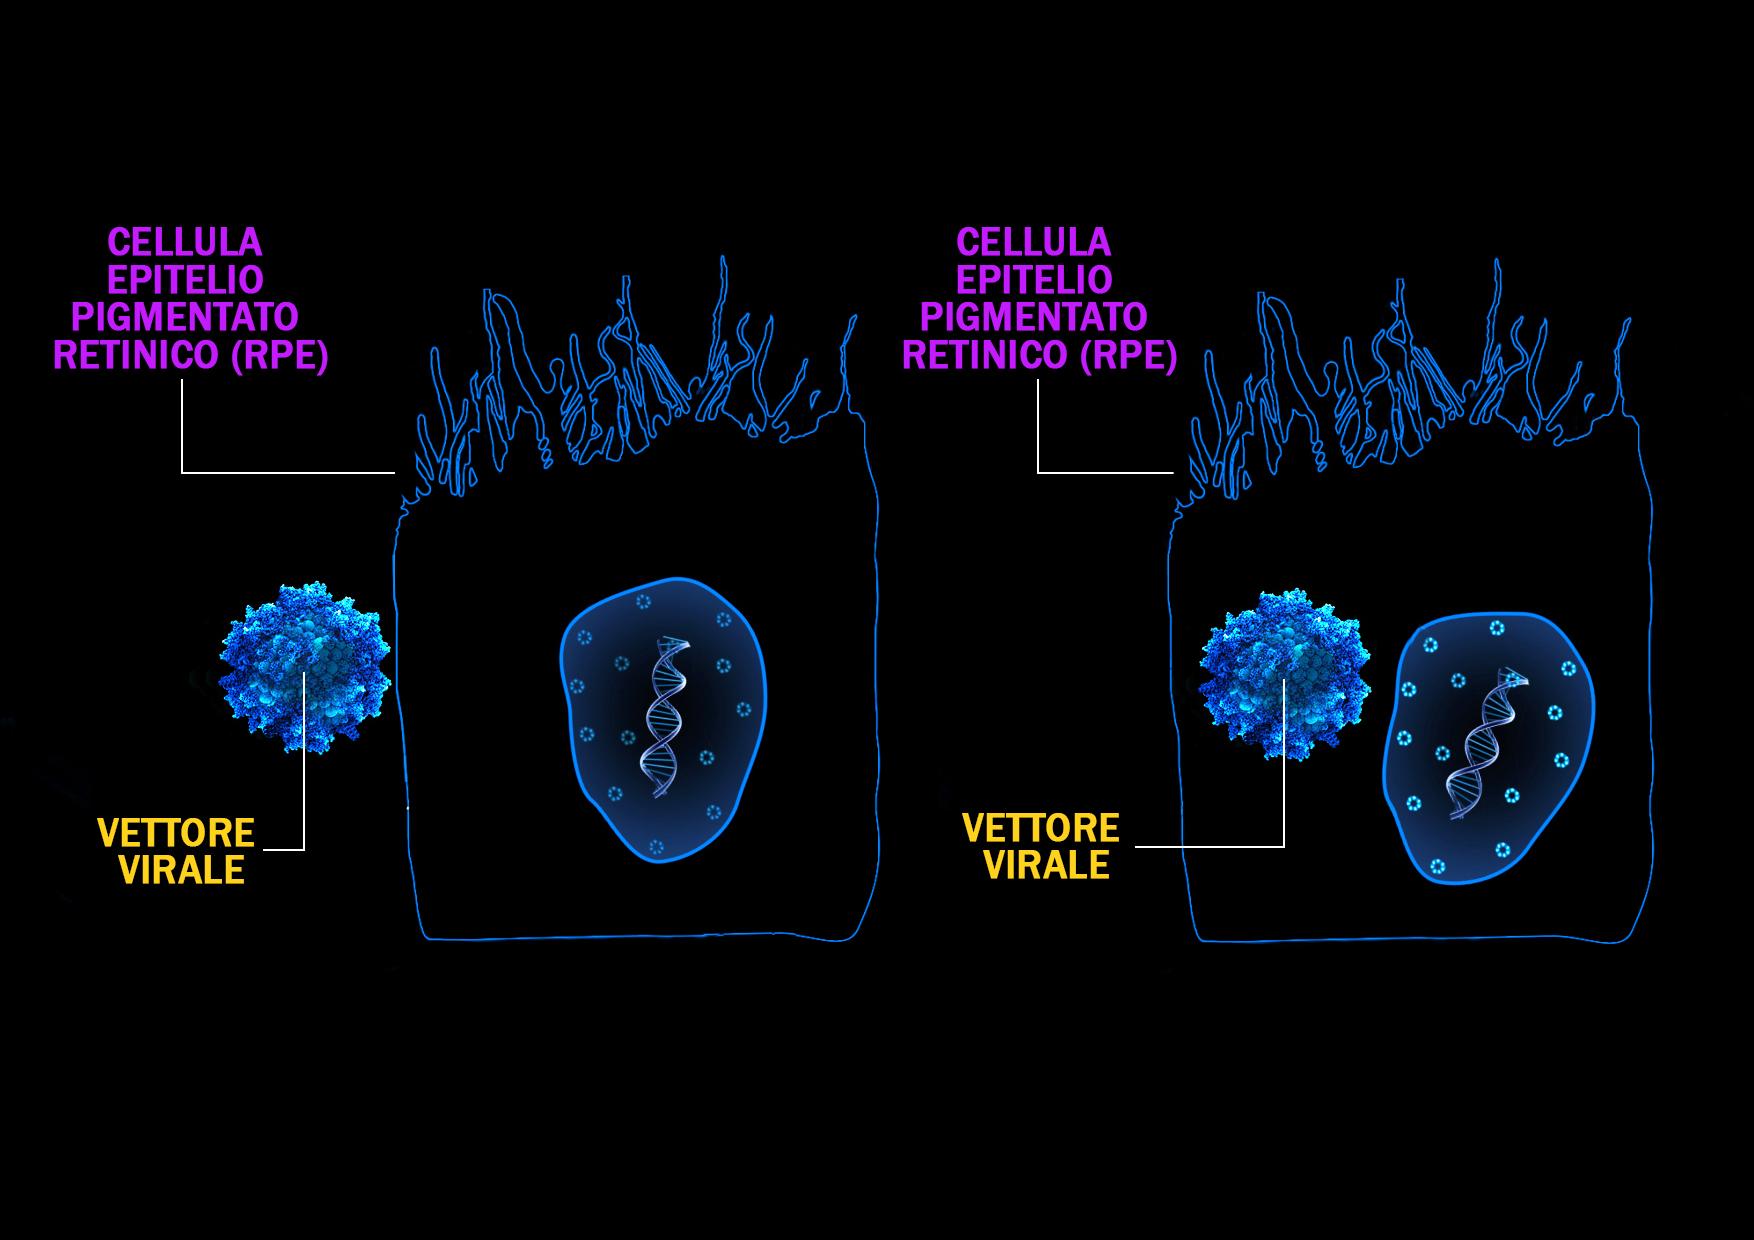 """La retina dei pazienti con AMD neovascolare trasformata in """"fabbrica"""" di anti-VEGF: nuove strategie terapeutiche per rendere i pazienti affetti da AMD neovascolare indipendenti dalle iniezioni intravitreali"""